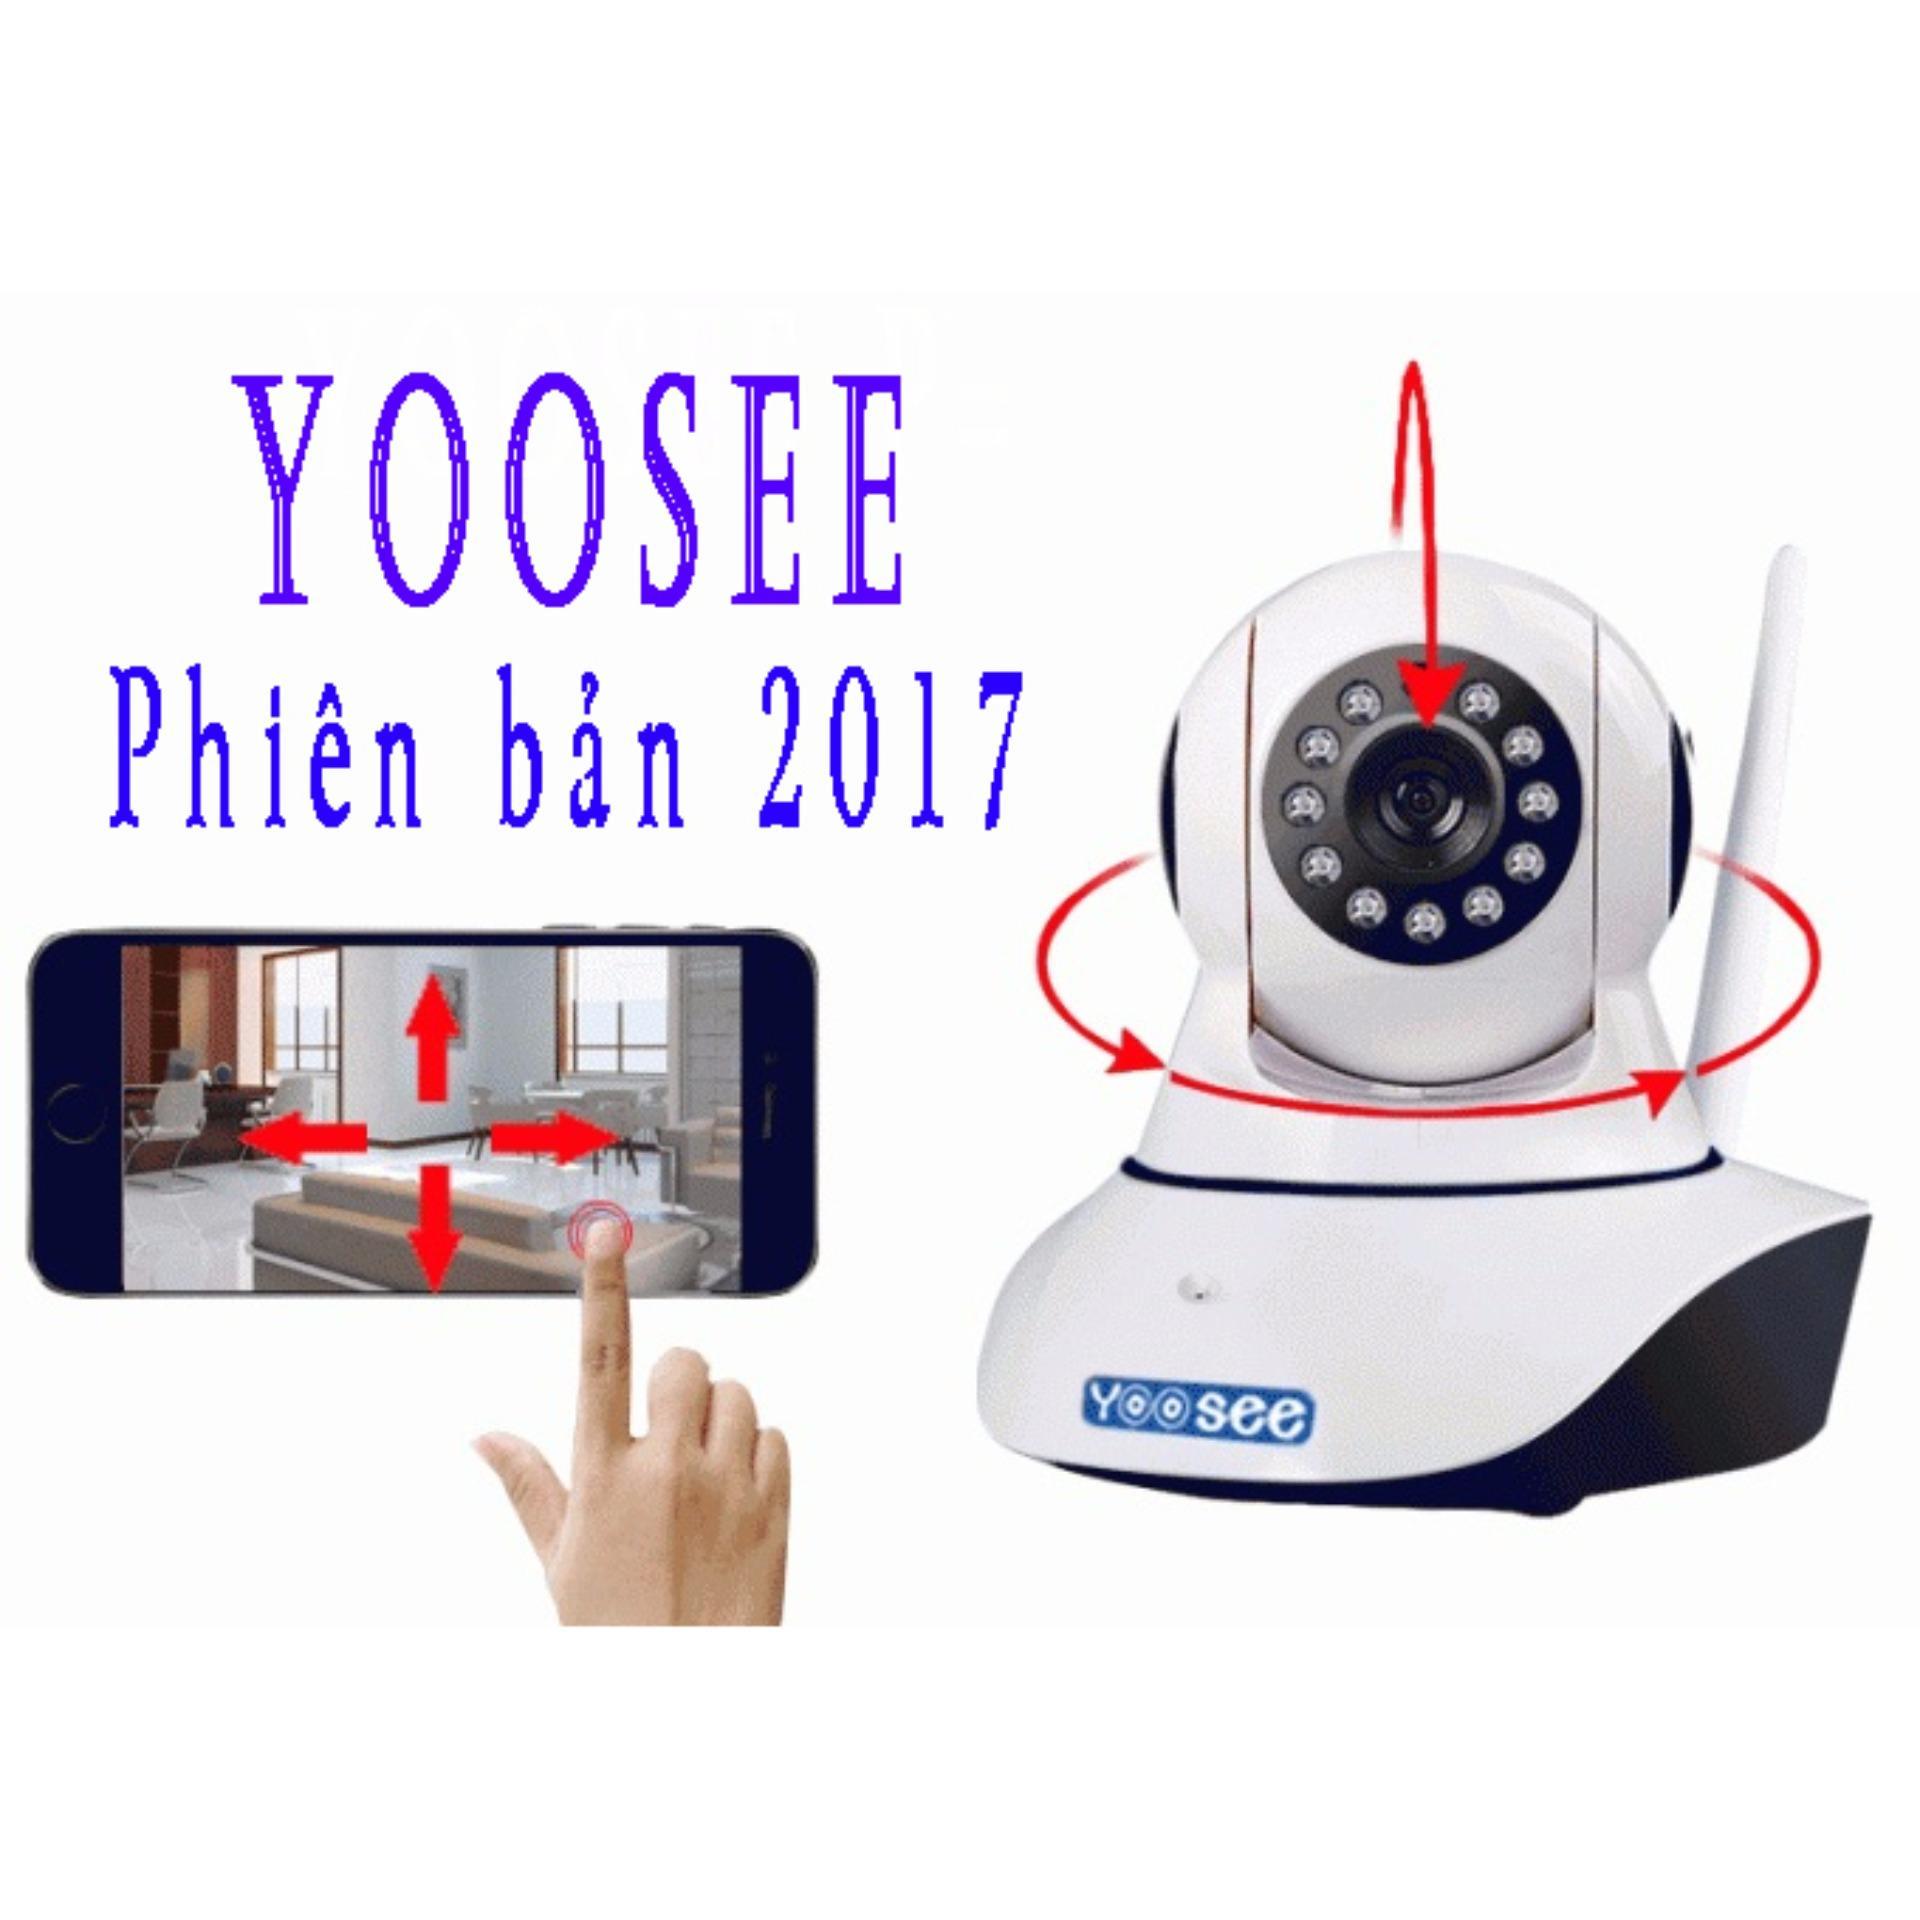 Cách mua Camera an ninh giám sát ngày đêm Yoosee ( Phiên bản 2017 )